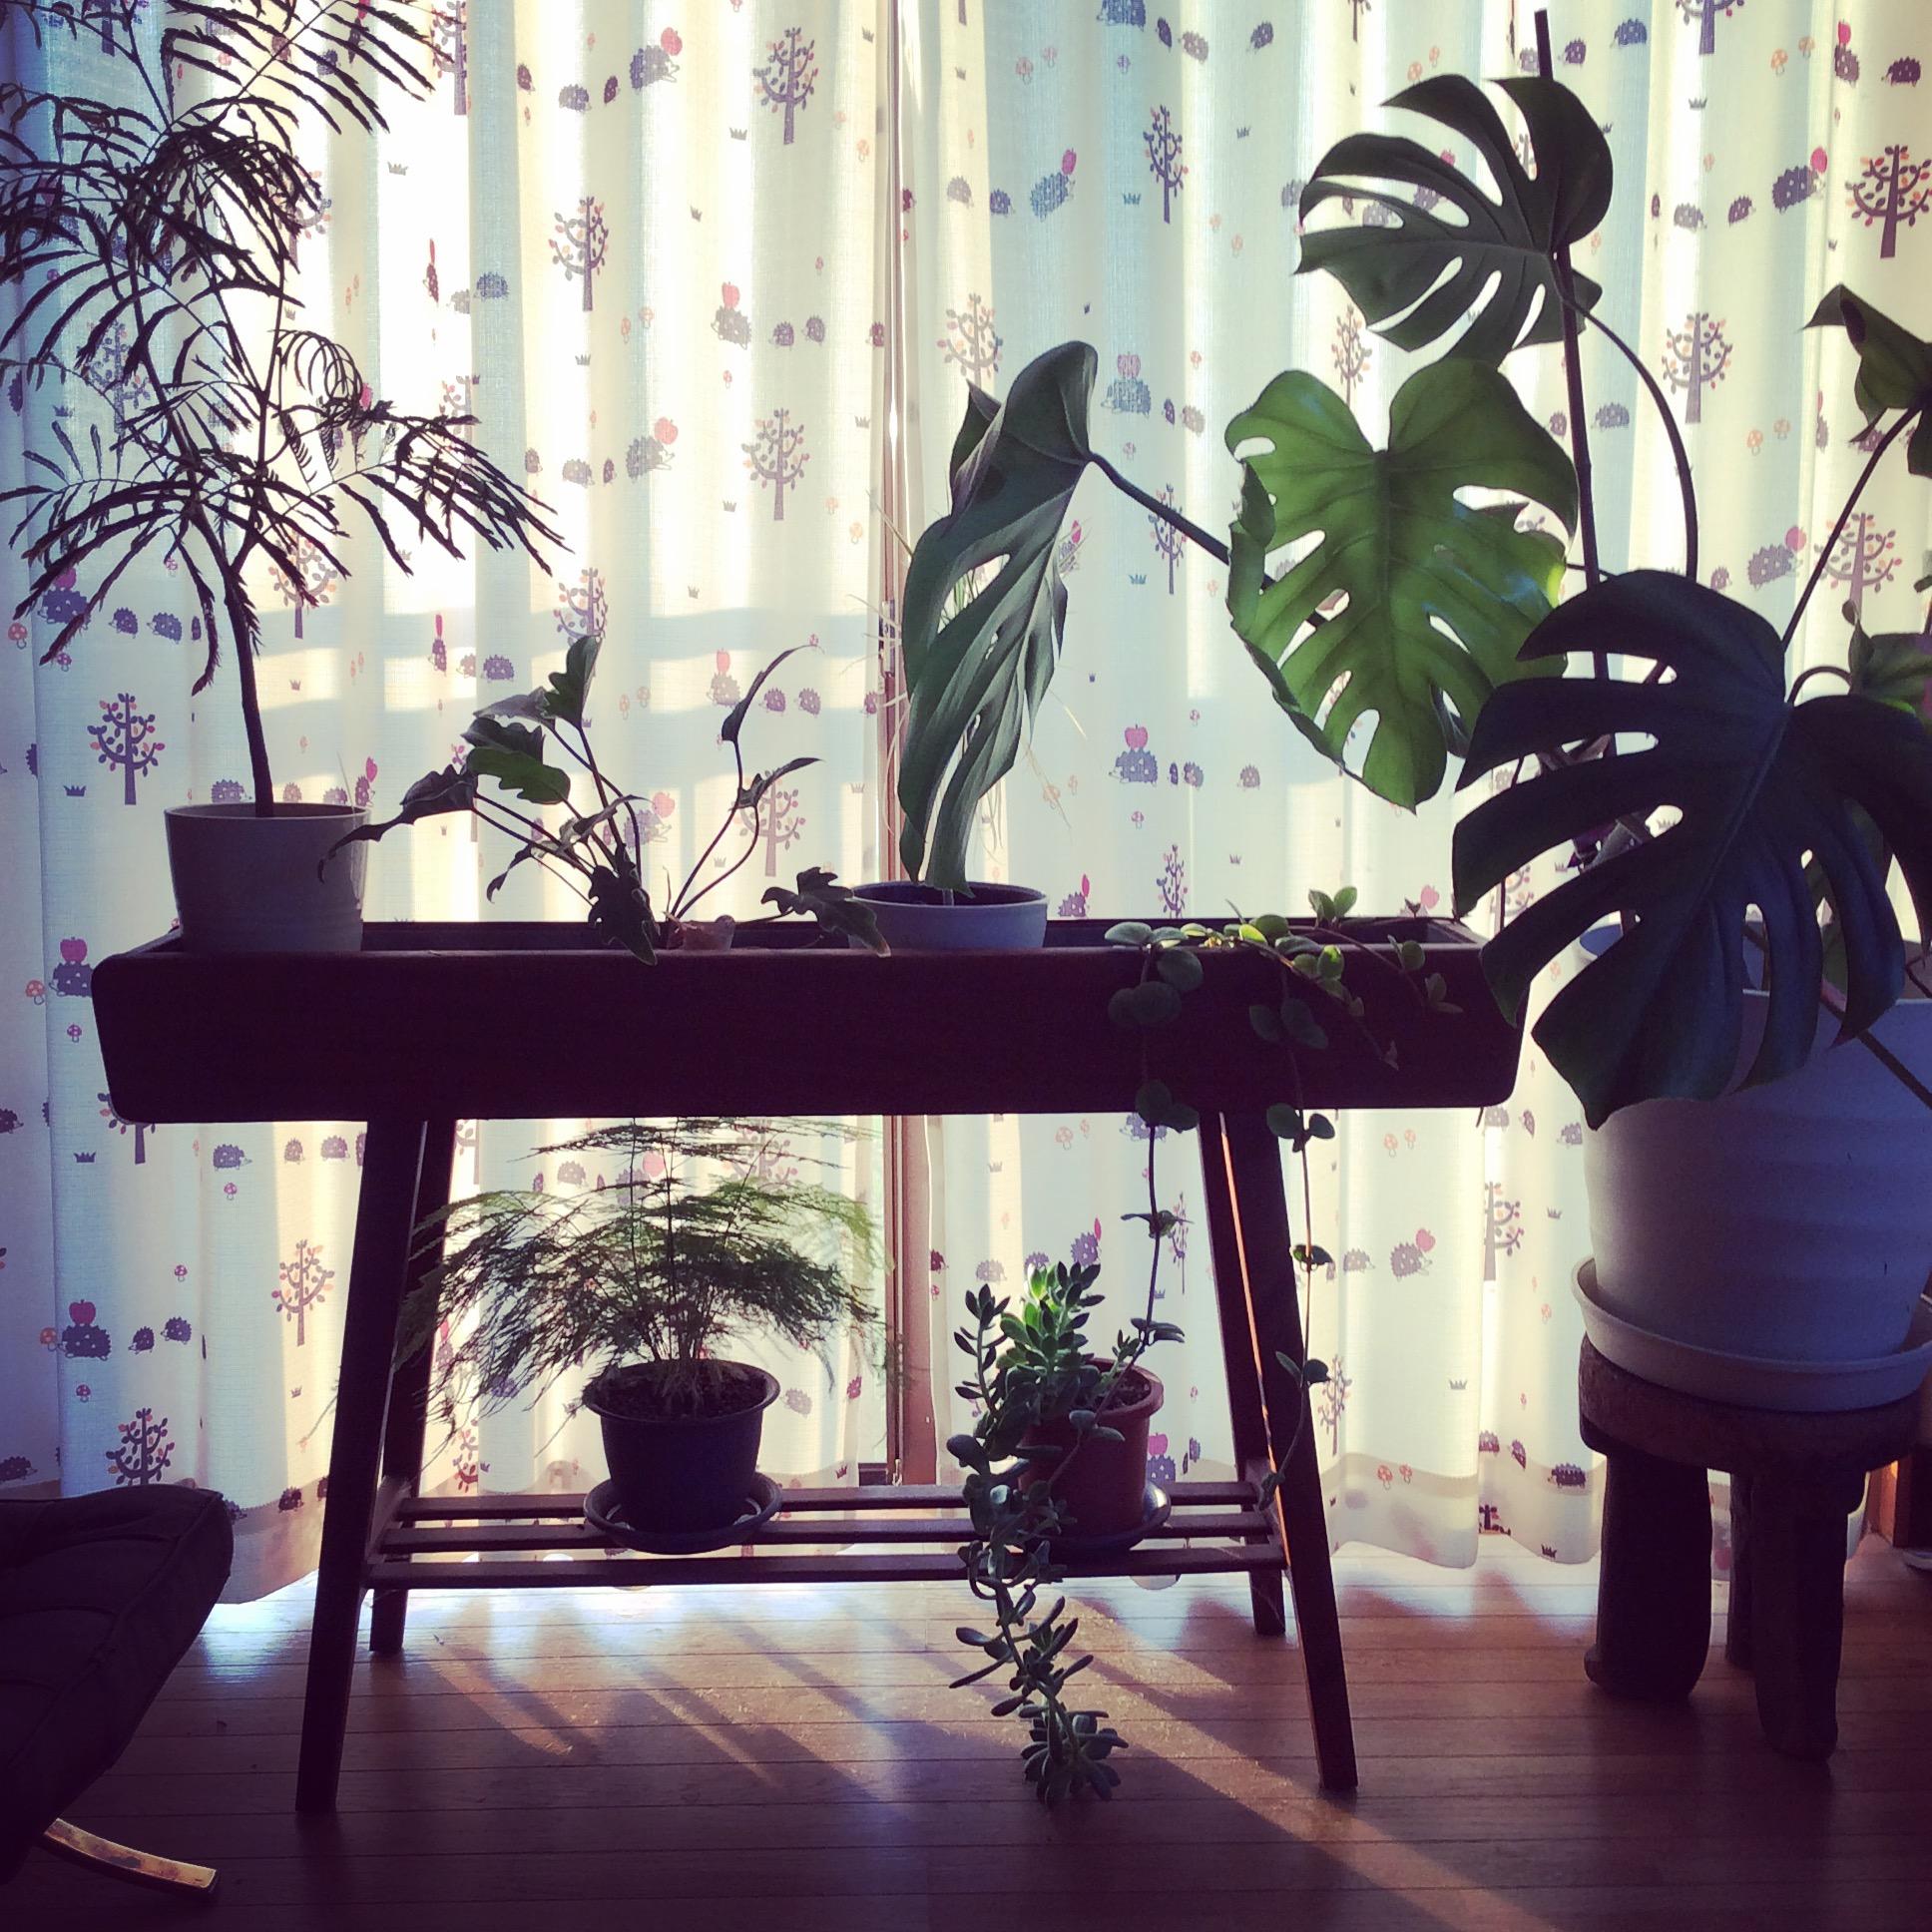 おしゃれな植物棚に、きれいに観葉植物たちが並べられていて、とてもすてきな空間。 @makikonivyさん提供